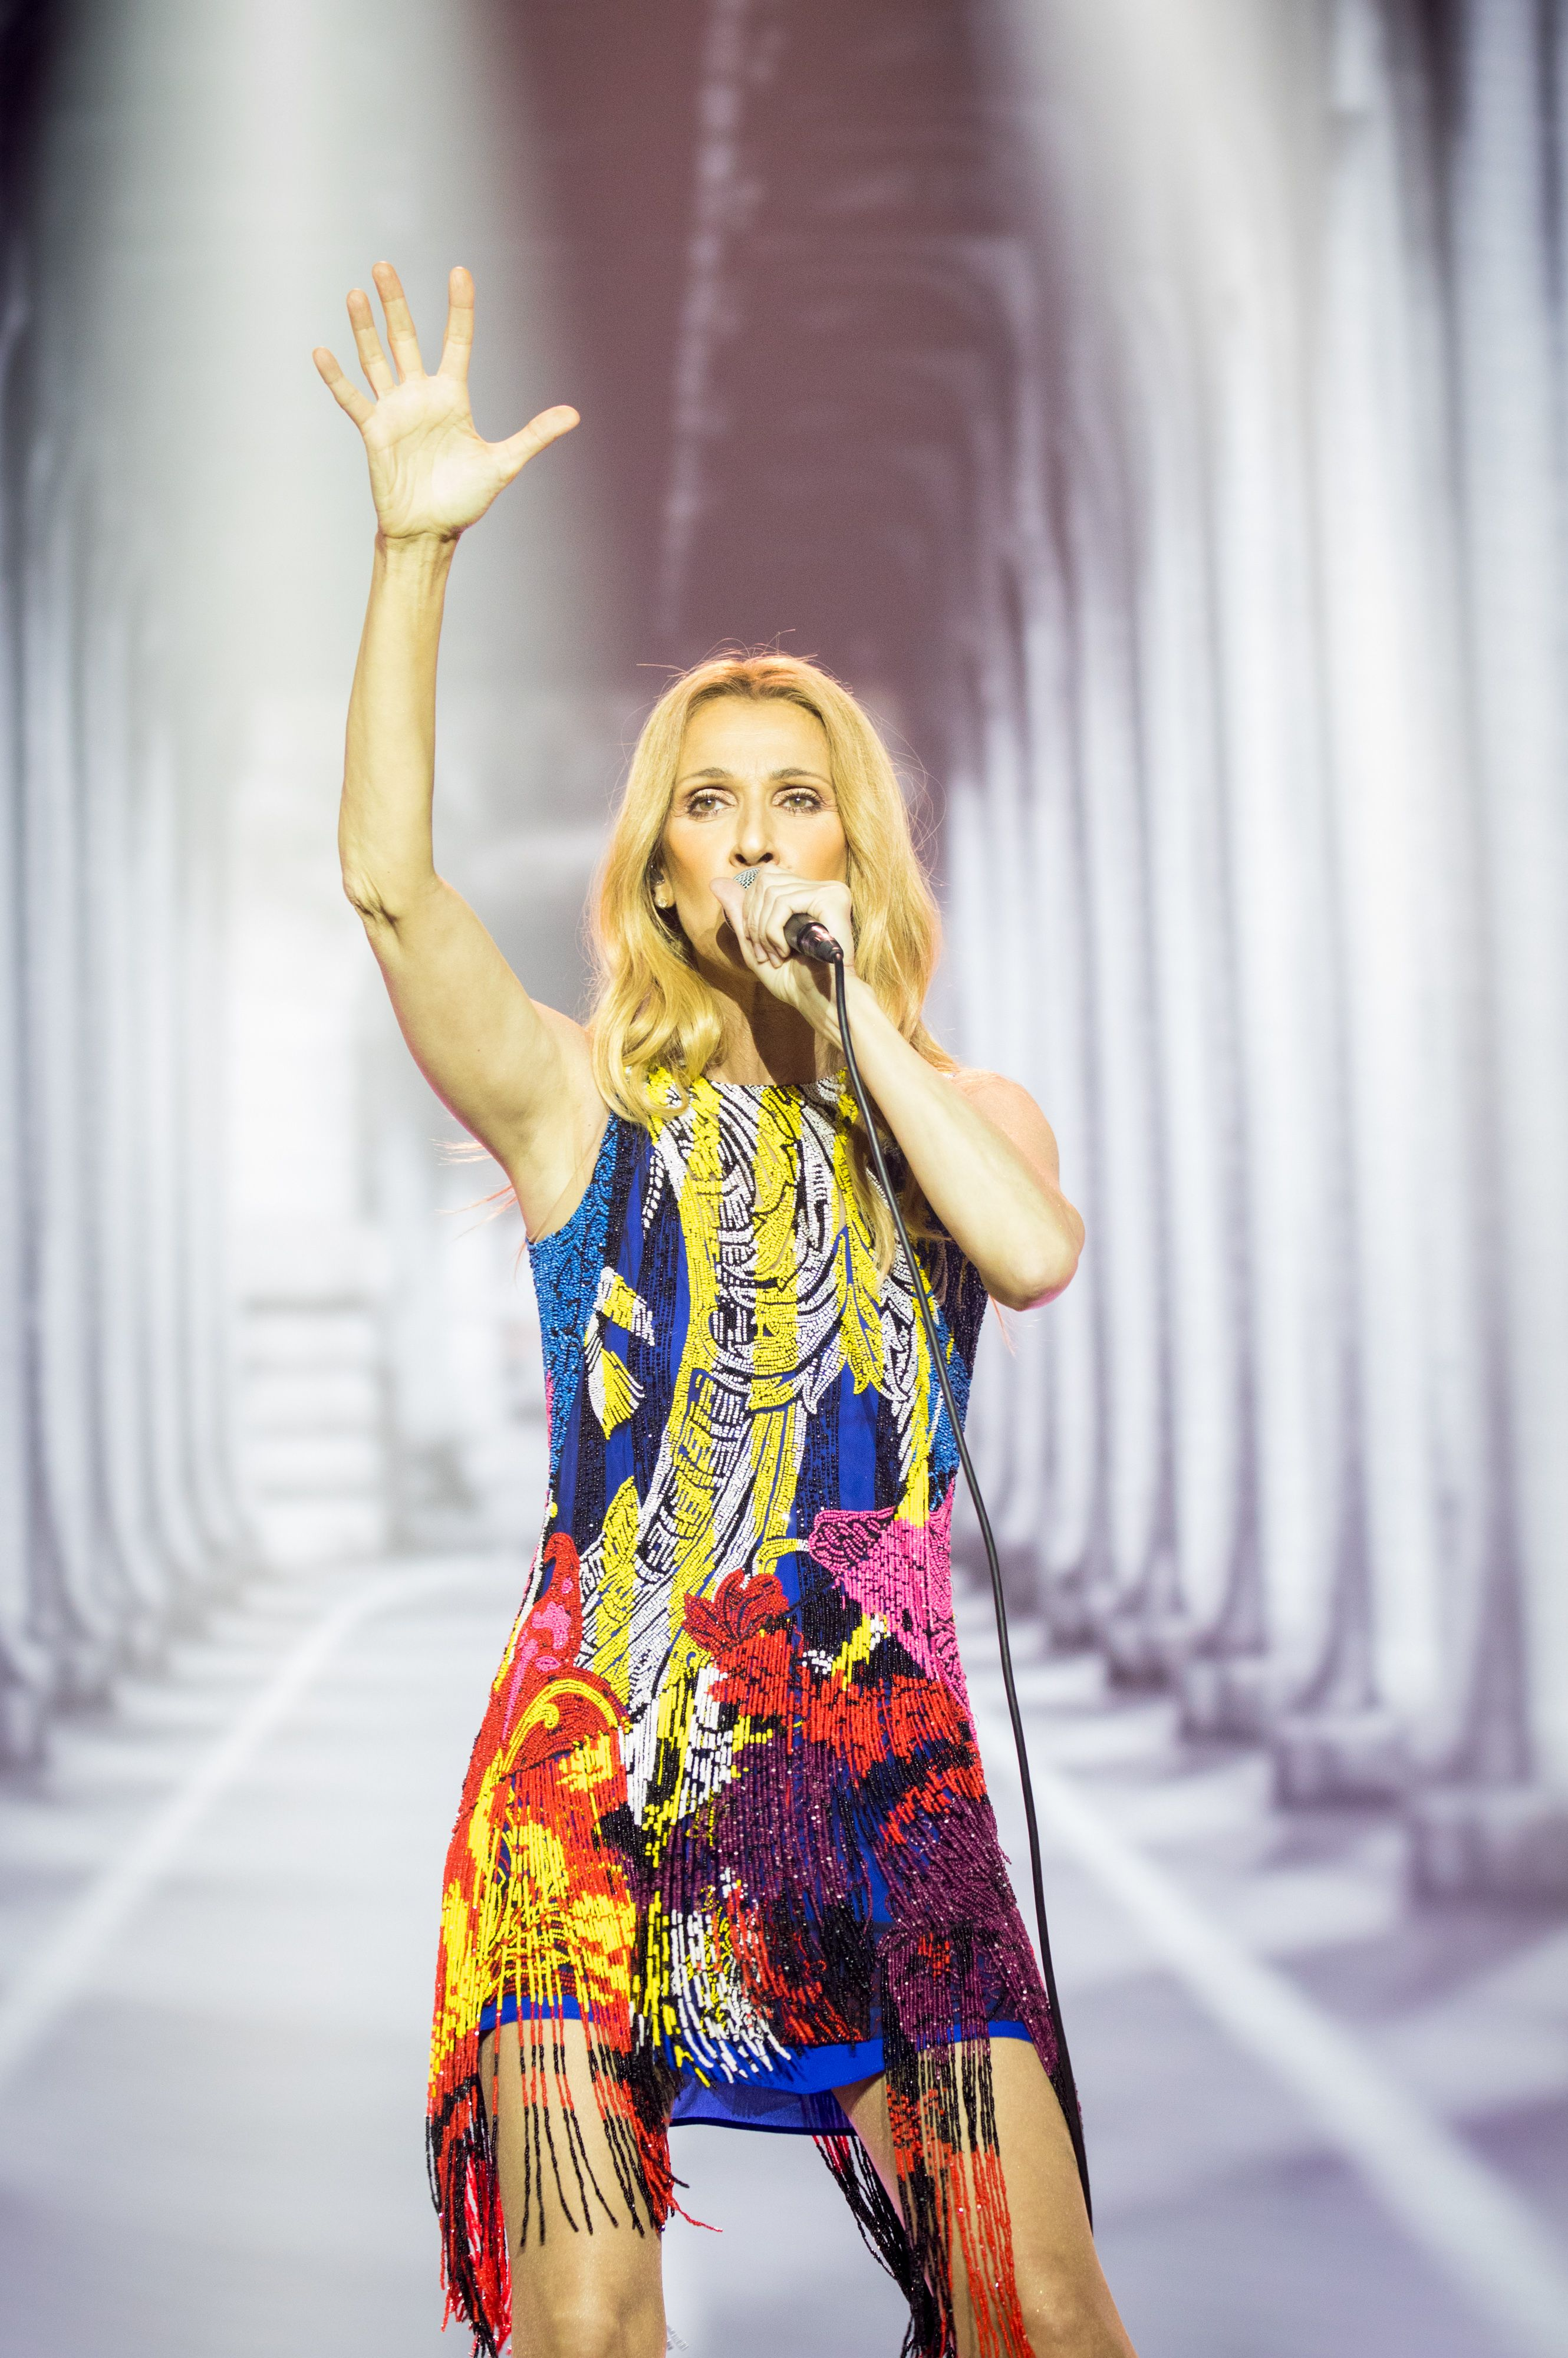 Celine Dion Performs In Macau